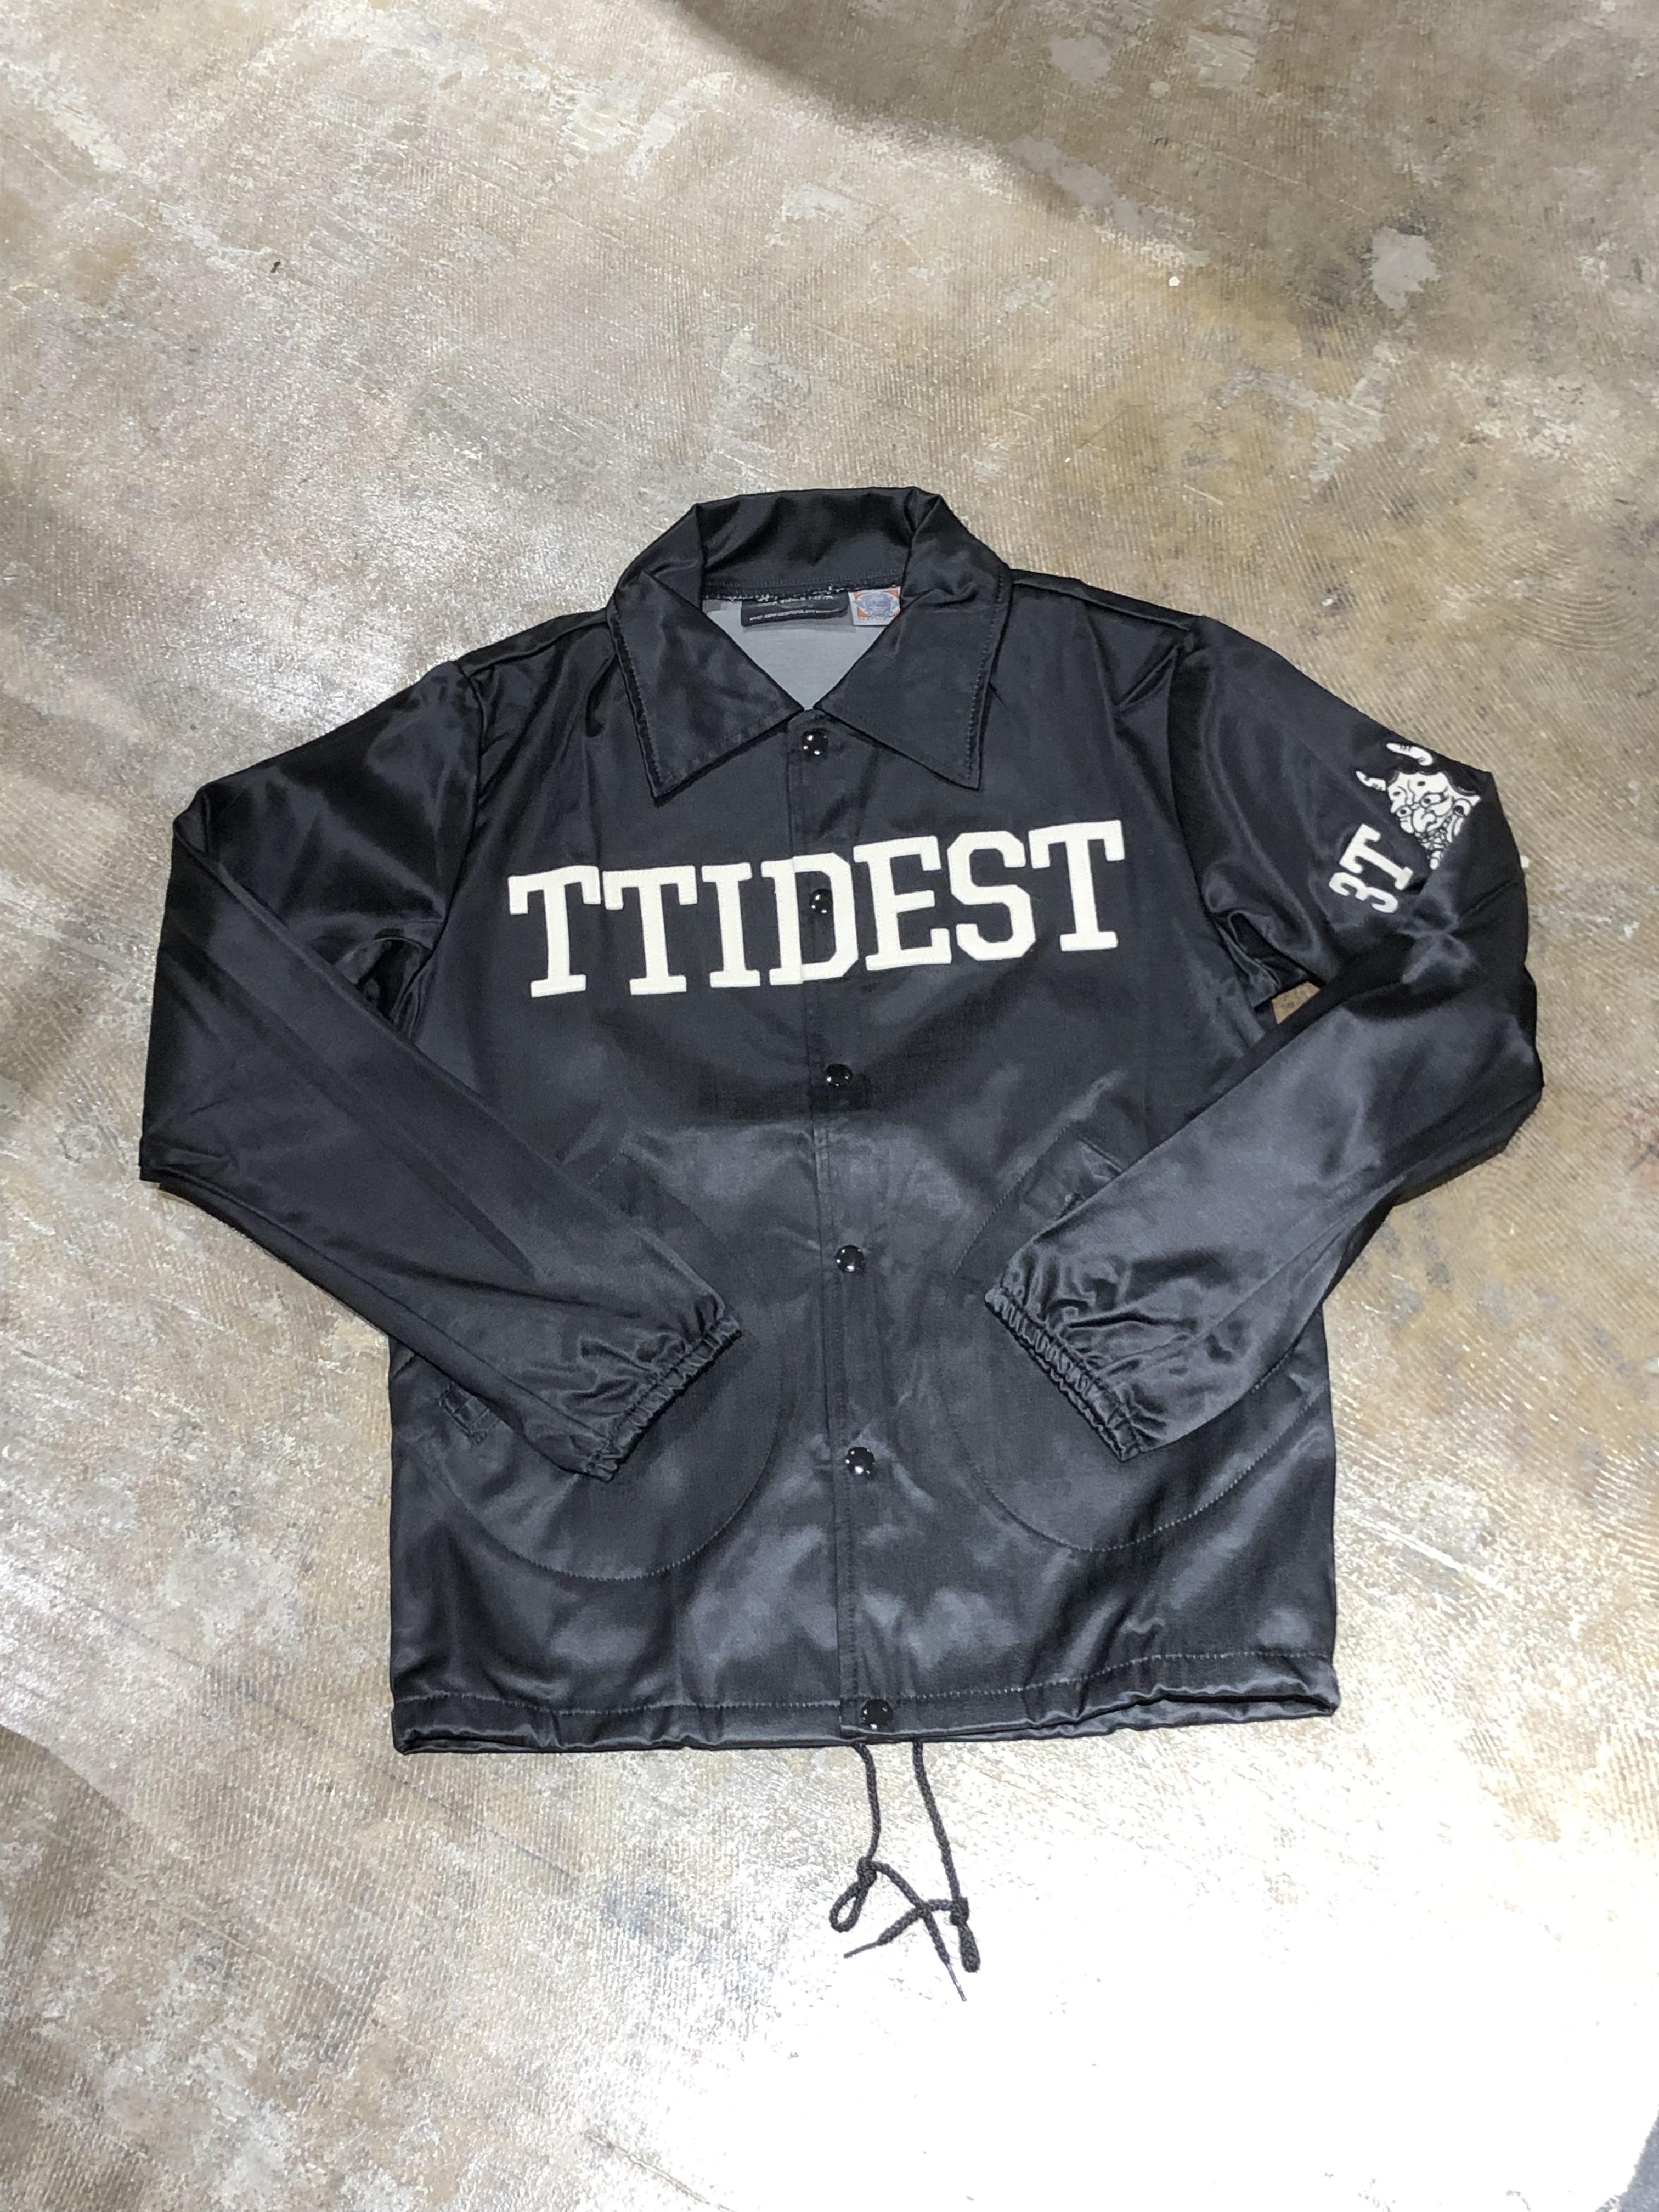 Three Tides Tattoo x Ebbets field Coach Jacket